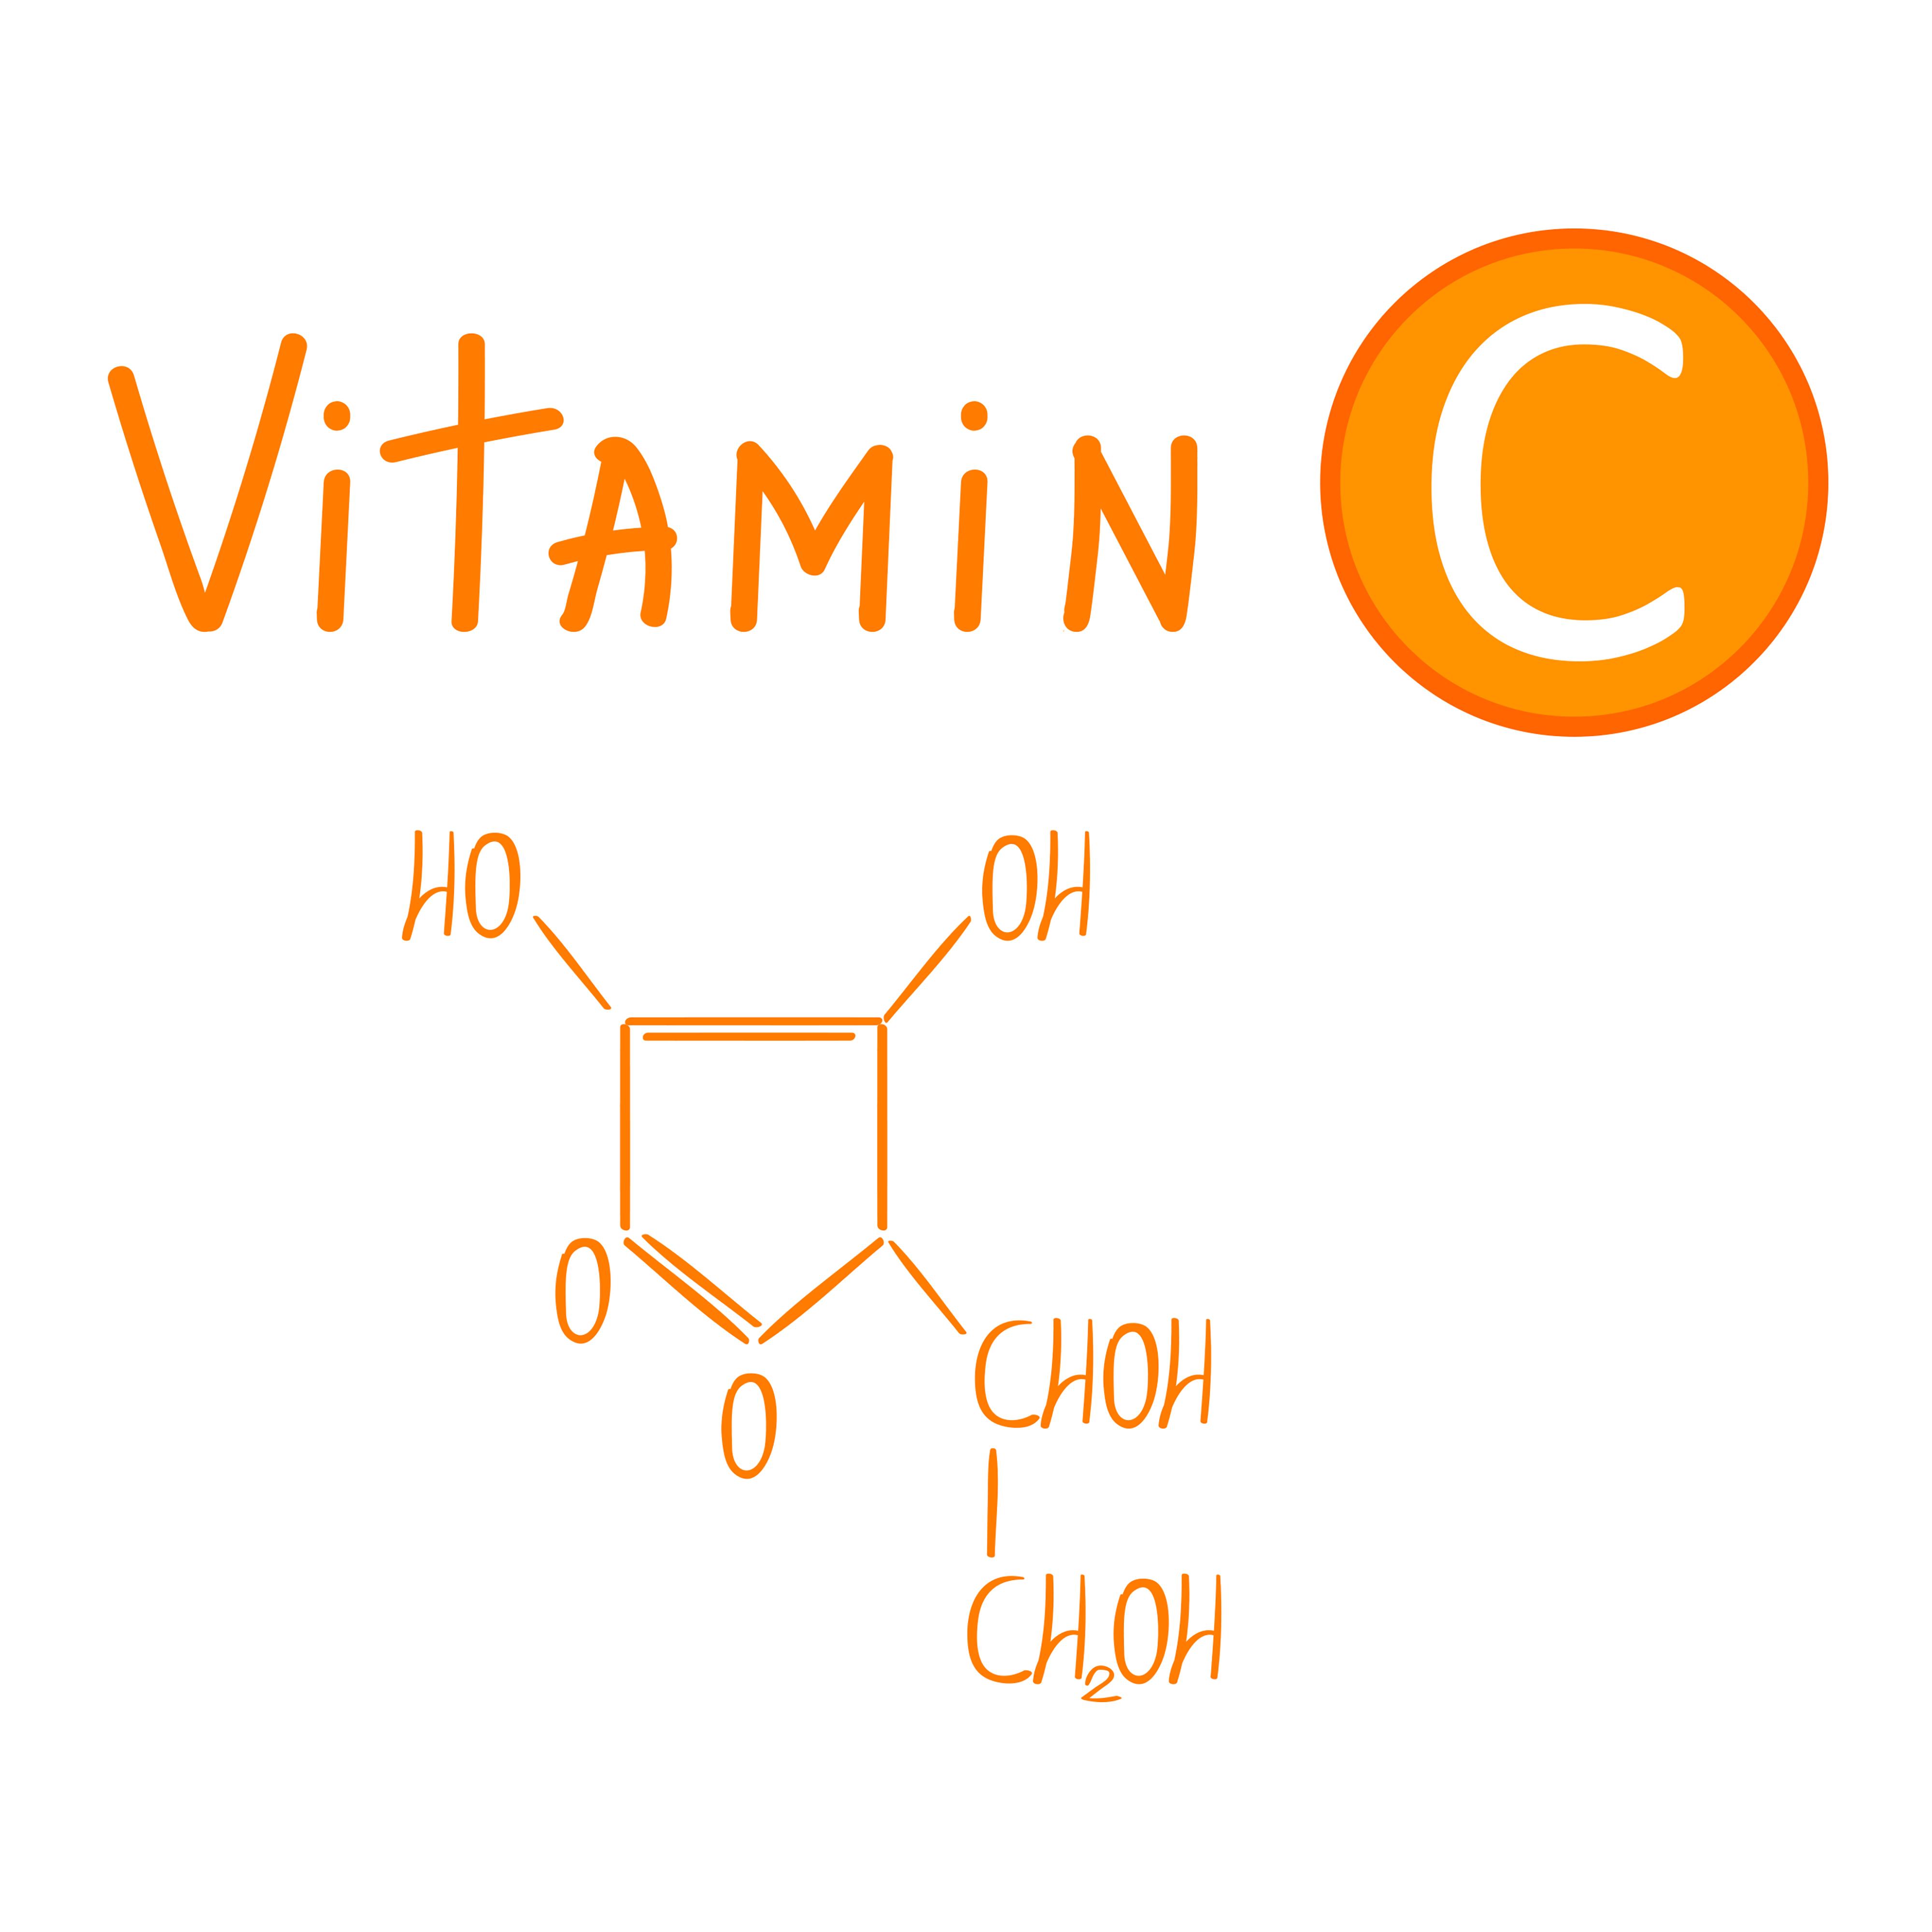 vitaminc_c